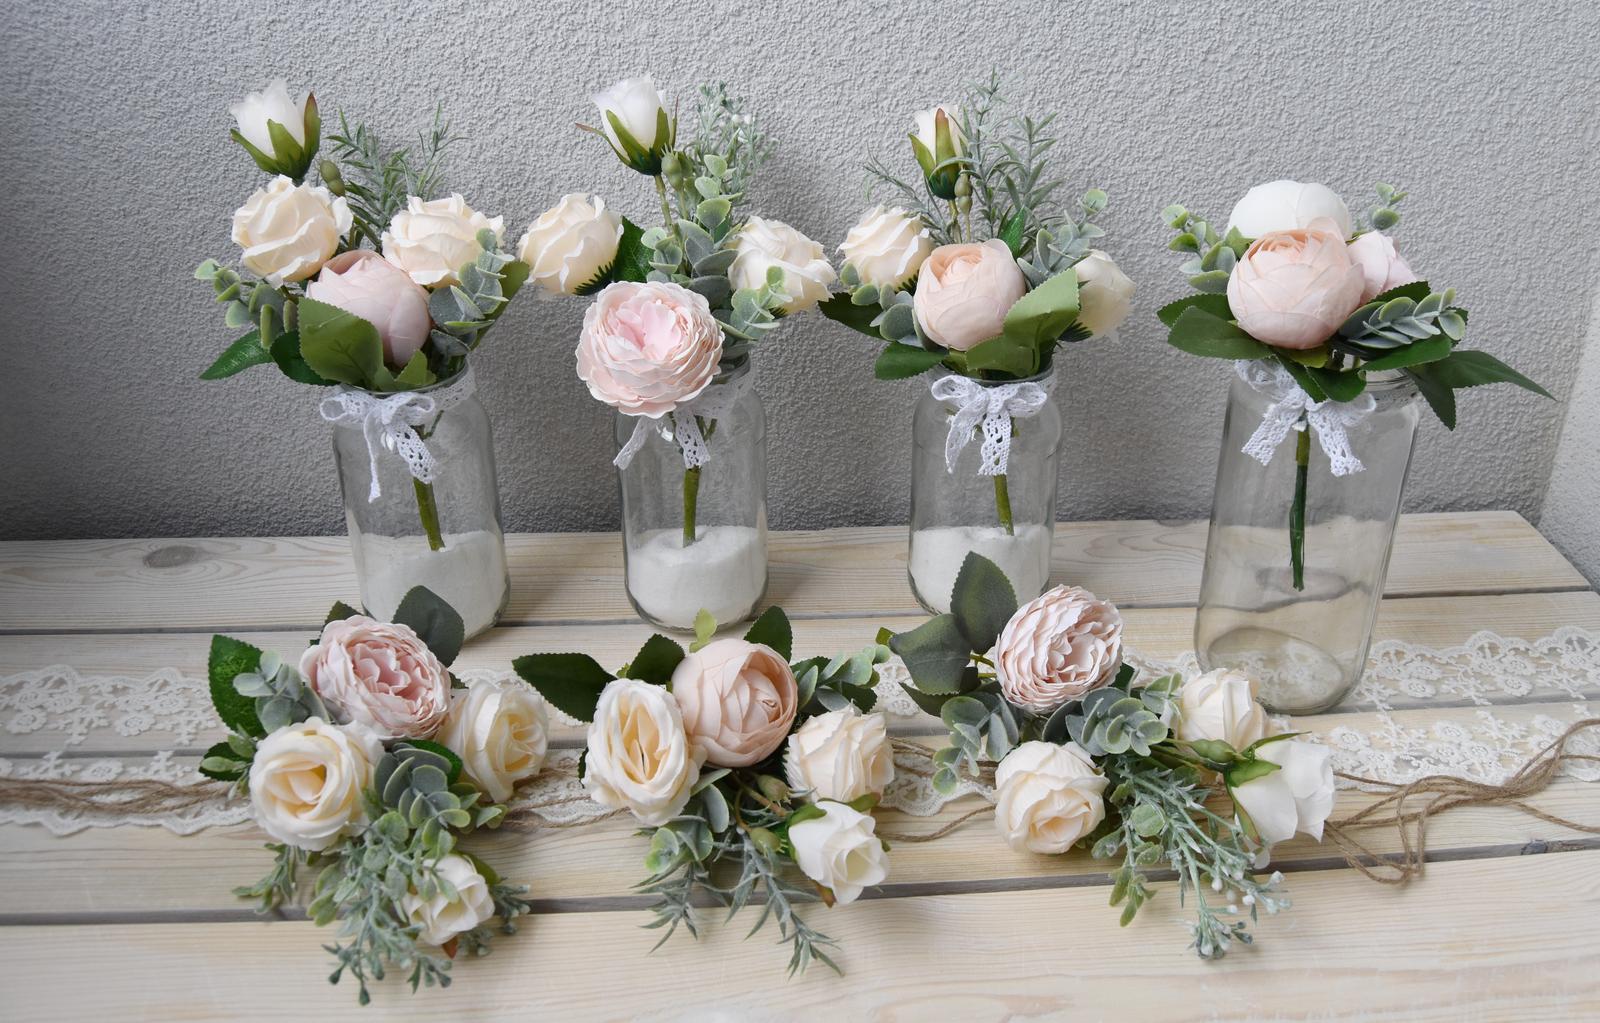 Wedding Time - Urobila som si niekoľko vázičiek a kytičiek, ak by bola náhodou hostina len u nás :) ...pripravujeme si aj plán B :)